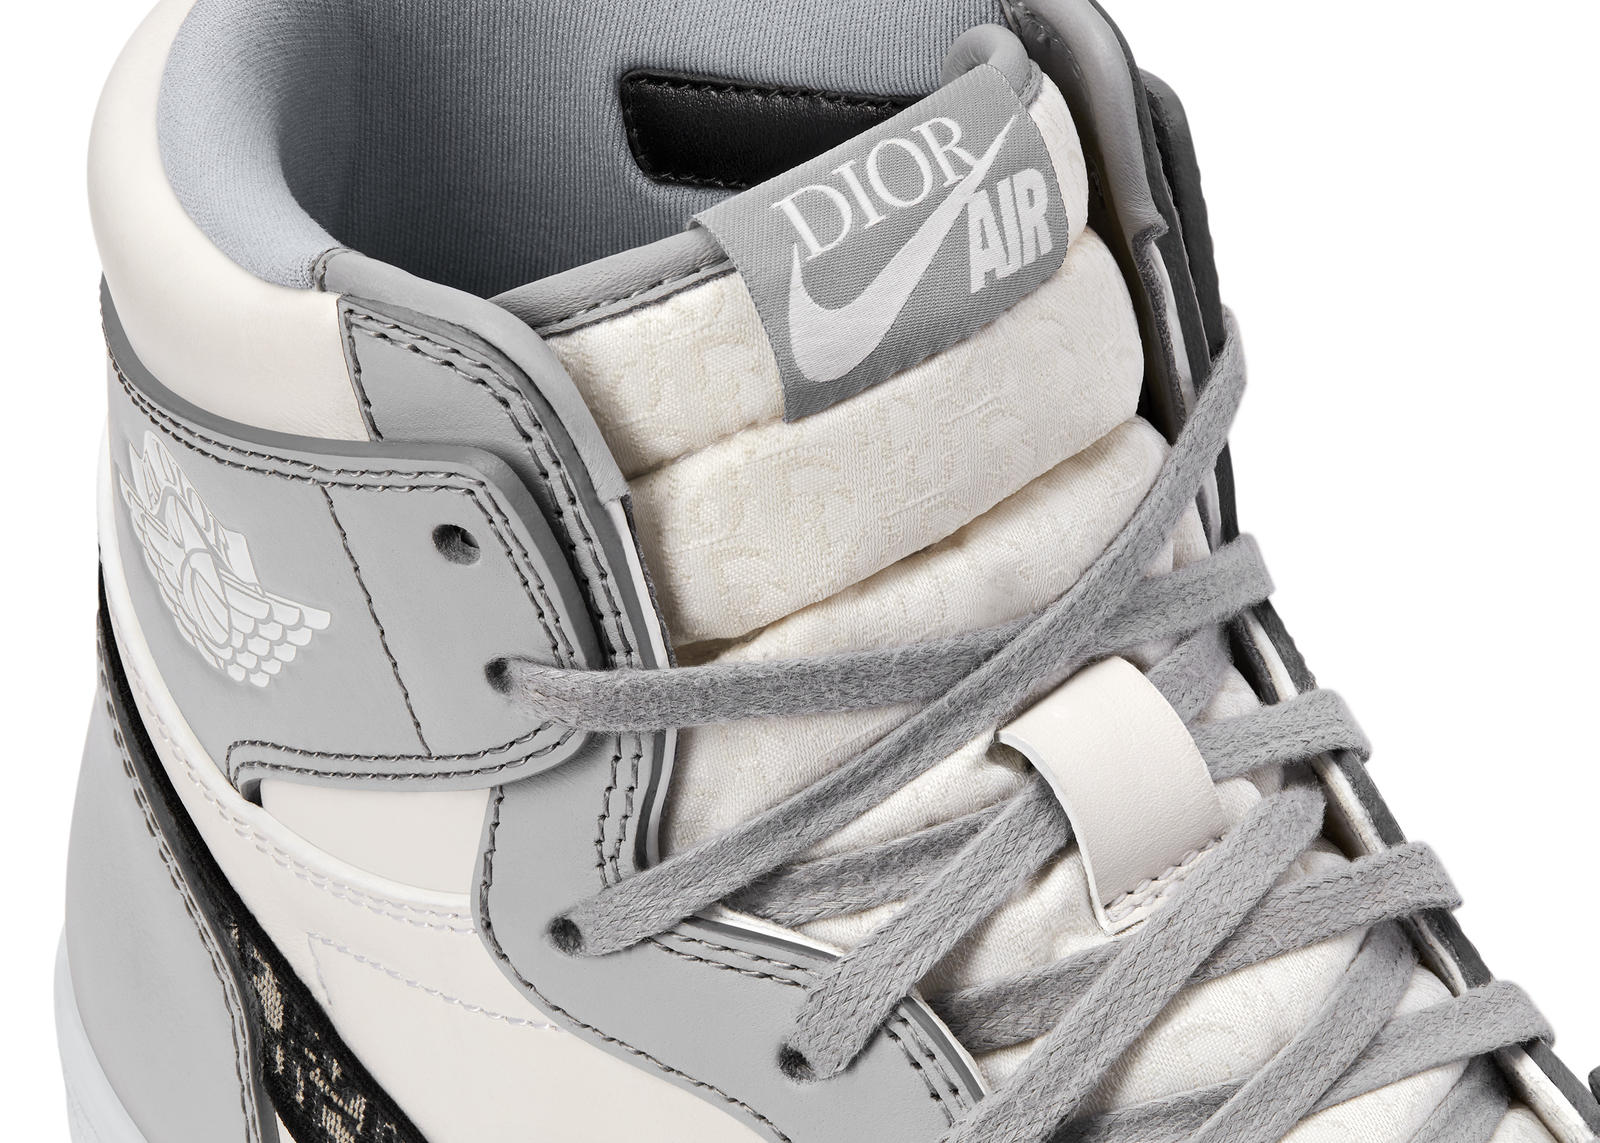 gran inventario tienda de descuento mejor sitio Jordan Brand x Dior Jordan 1 Official Partnership - Nike News